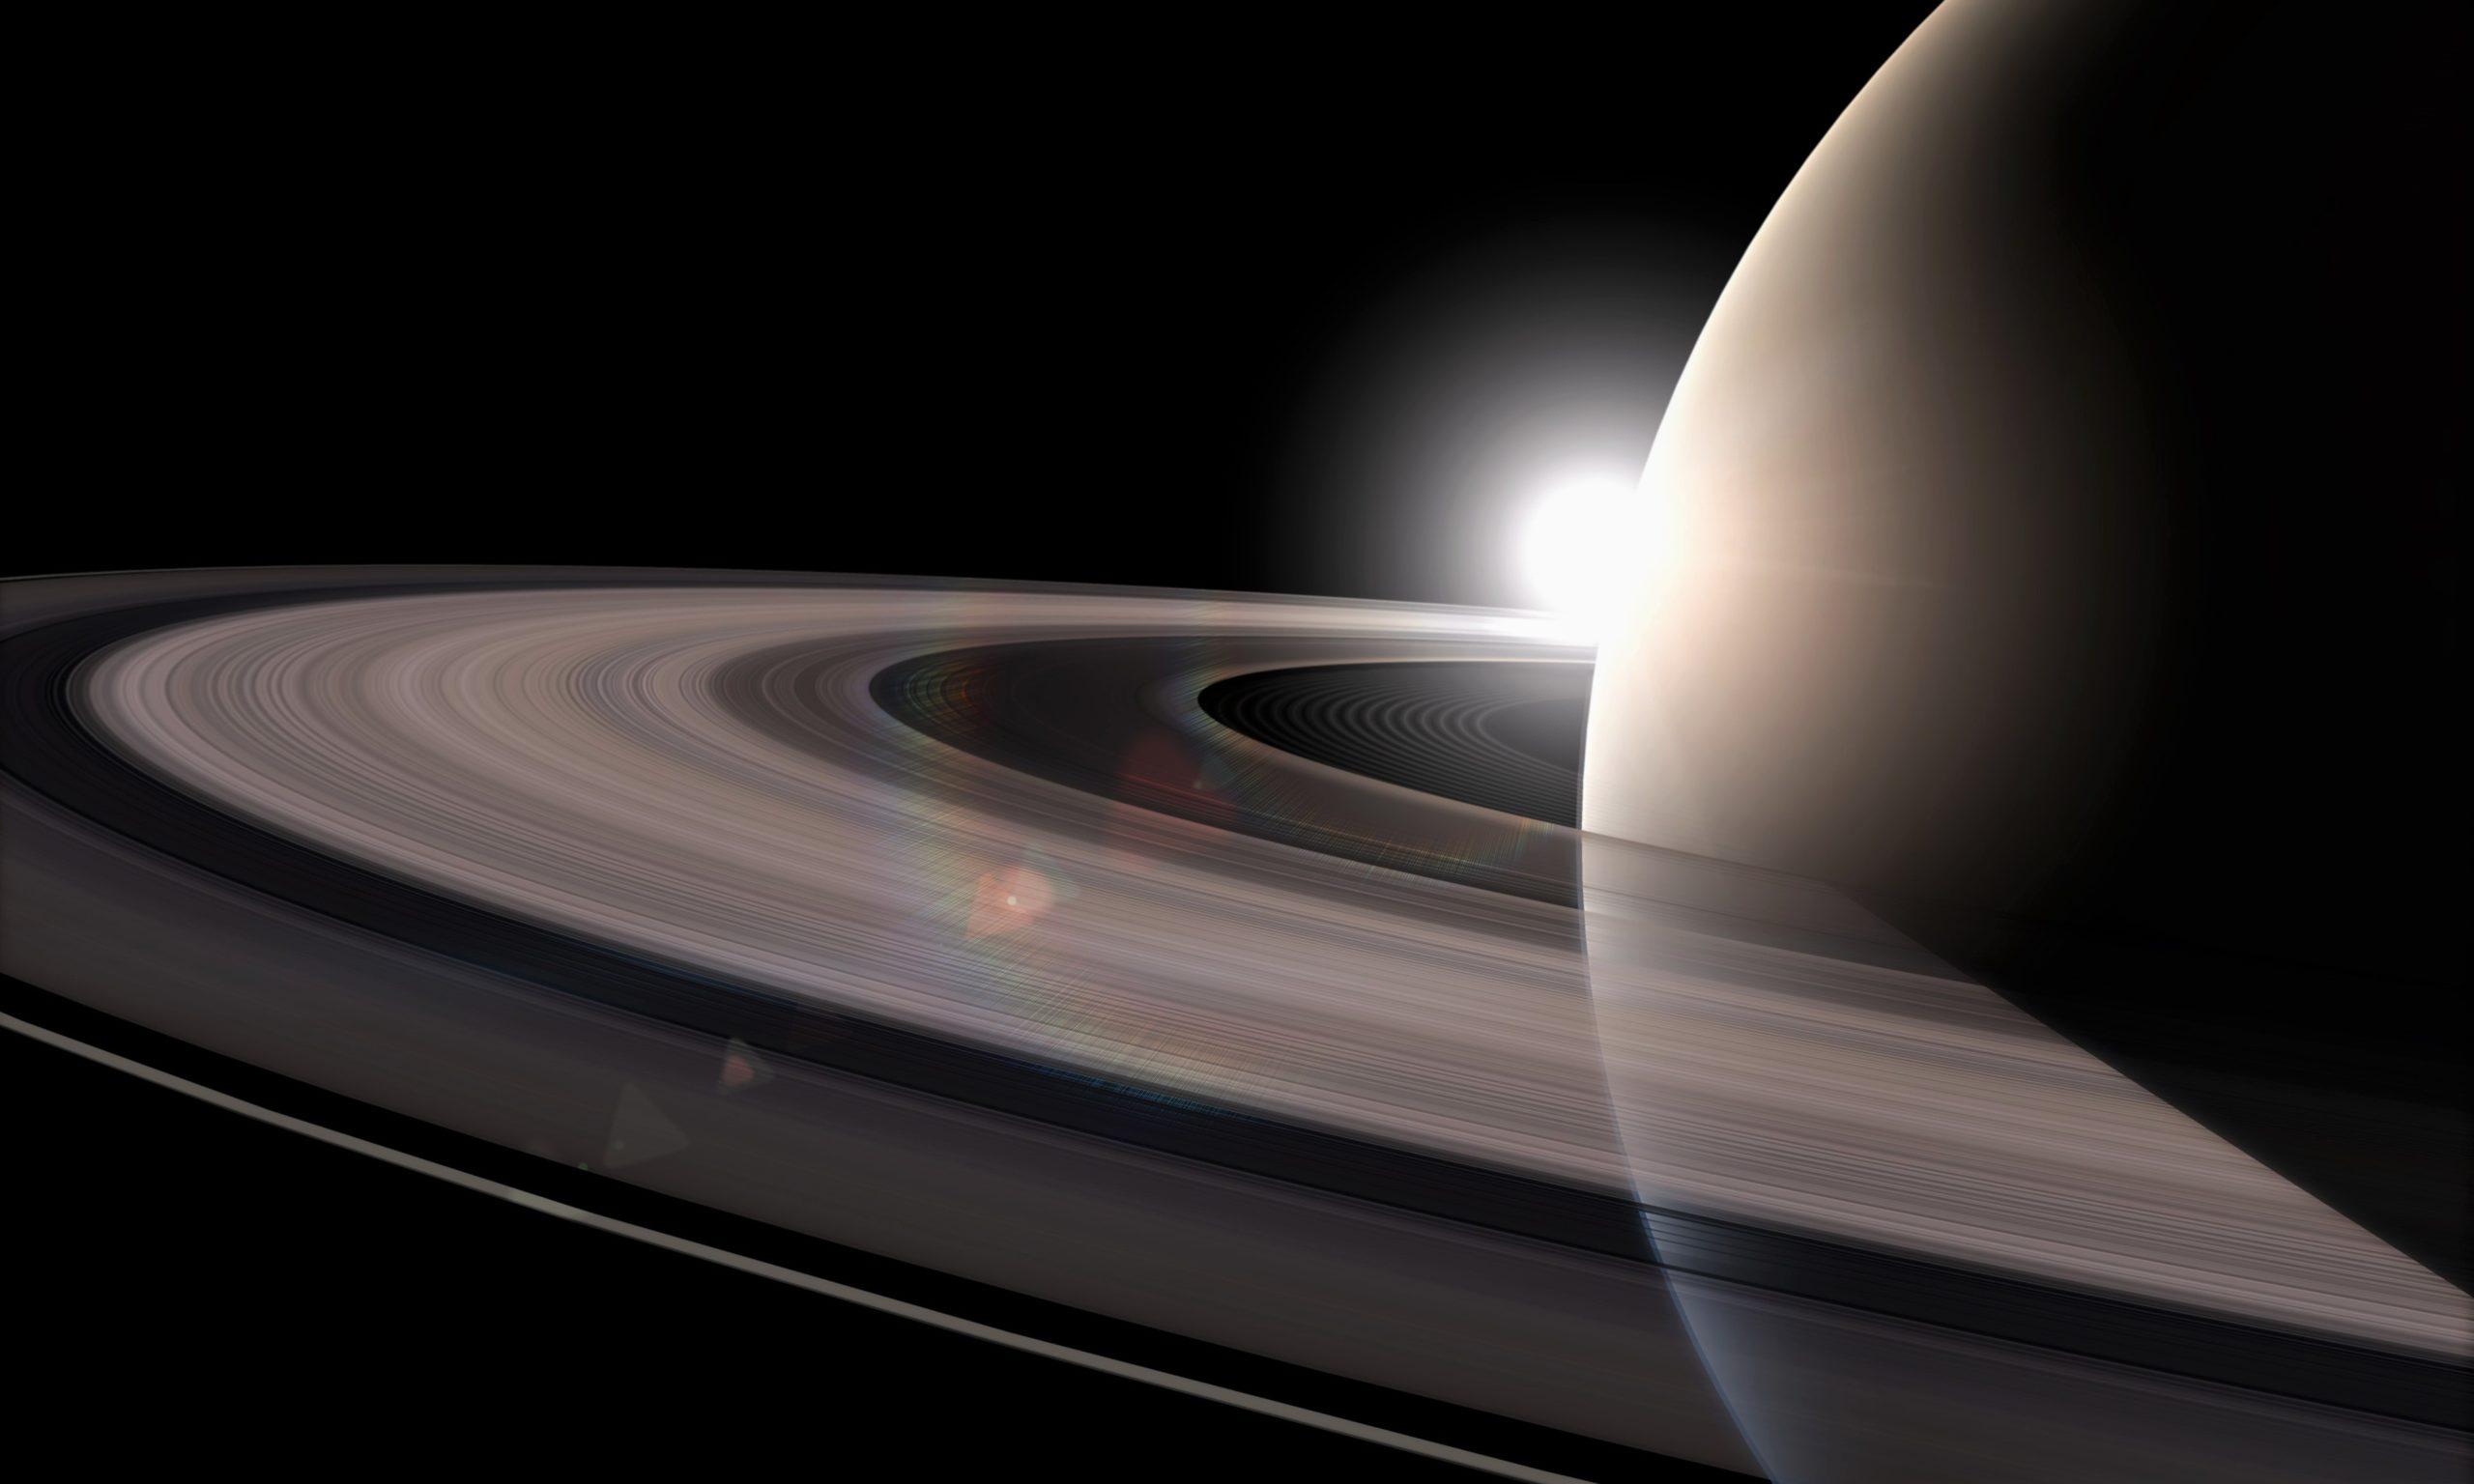 Сатурн - описание планеты, строение, атмосфера, кольца, фото и видео